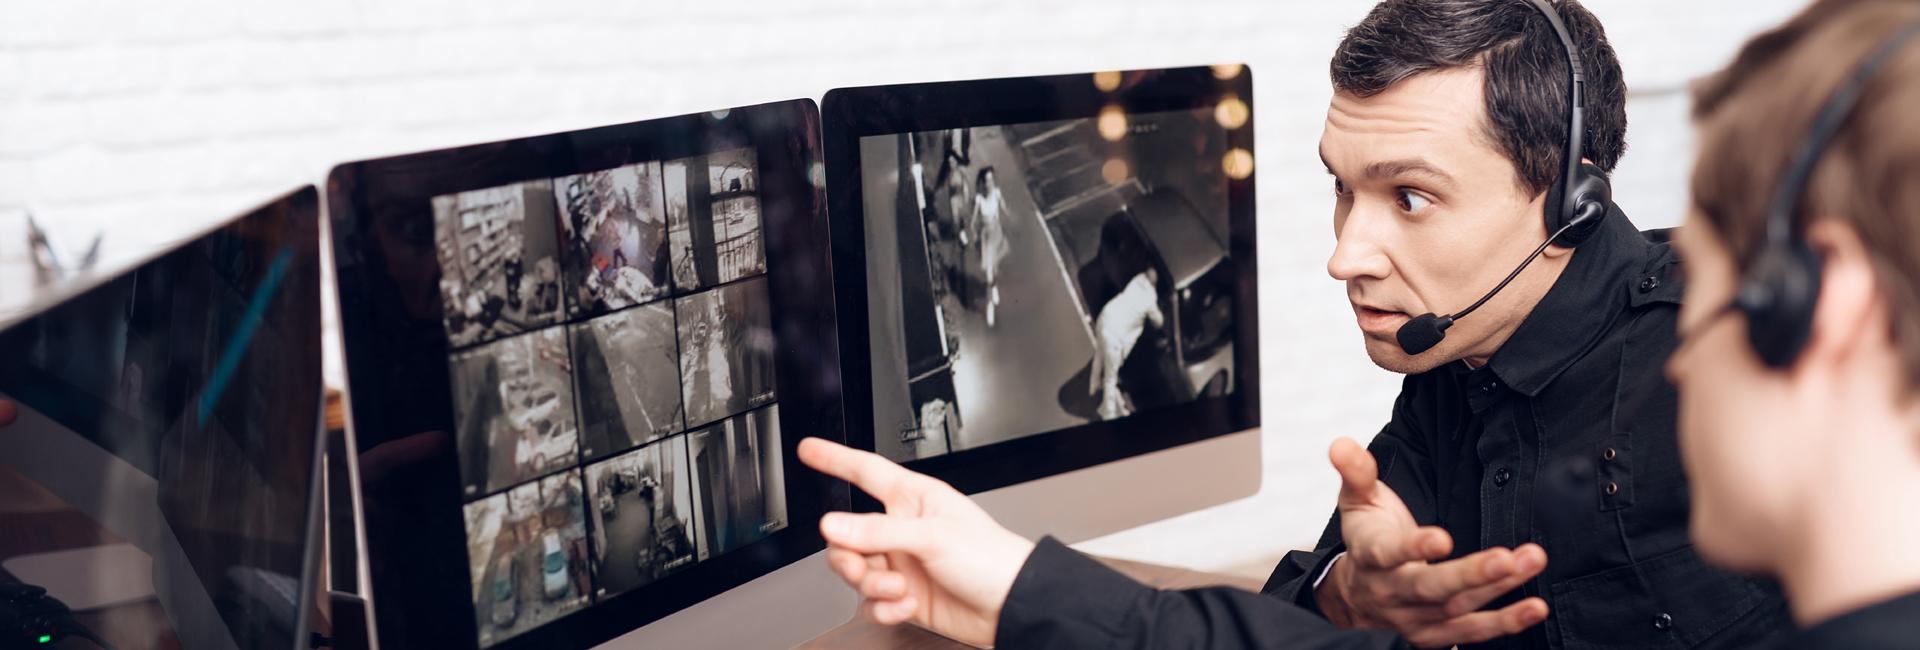 Internet dla instalacji monitoringu, CCTV, kamer online itp …